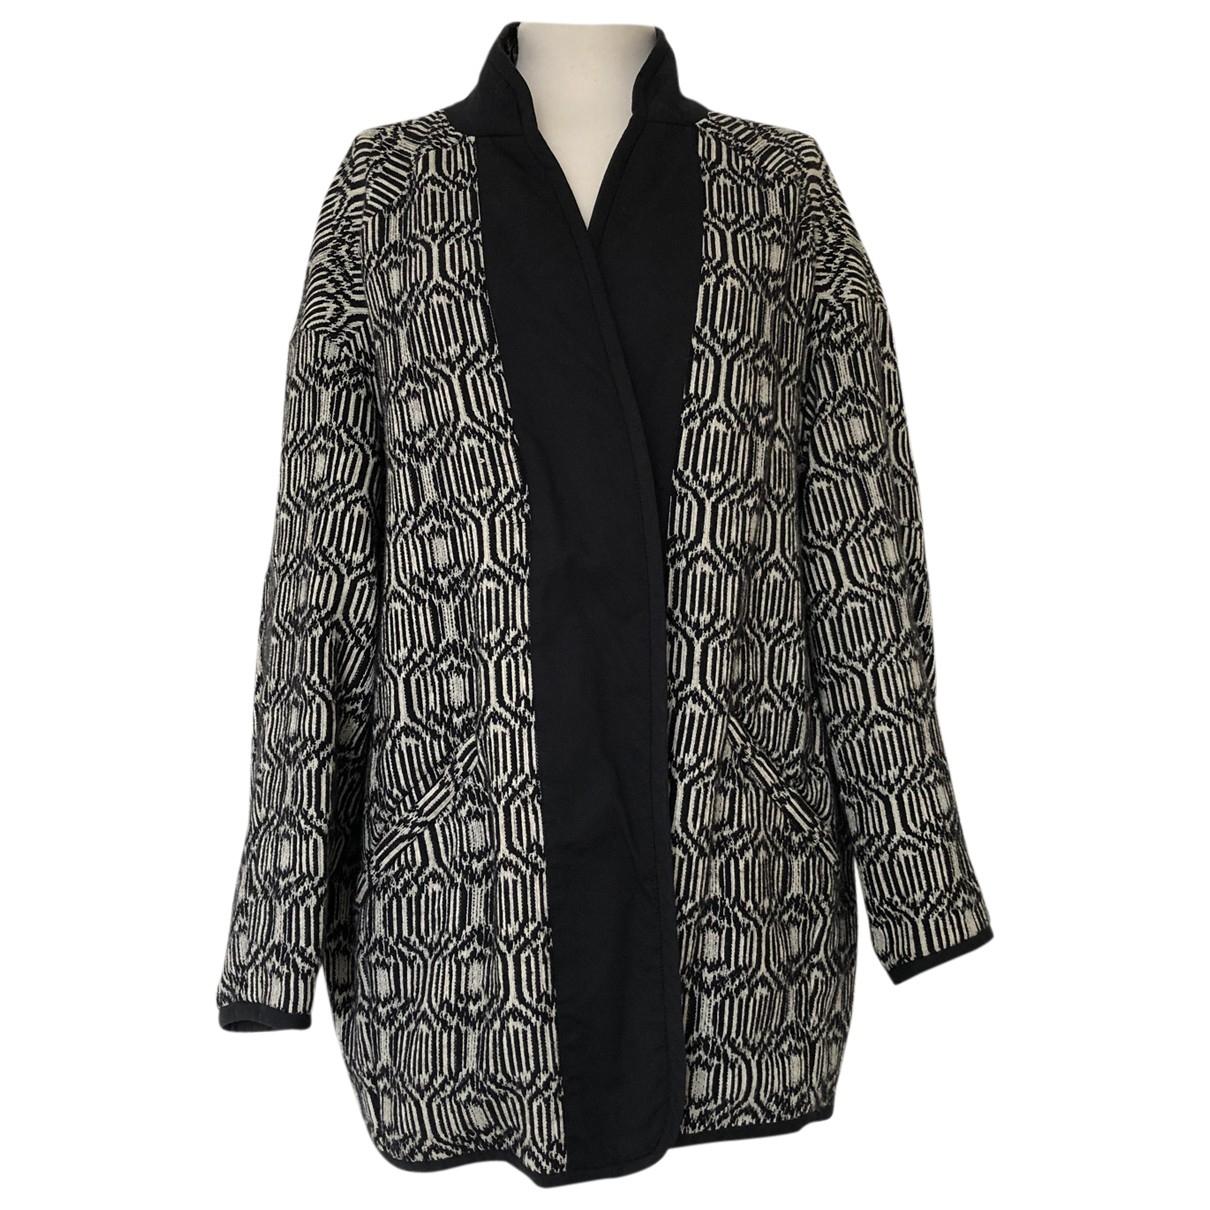 Isabel Marant Etoile \N Jacke in  Schwarz Wolle